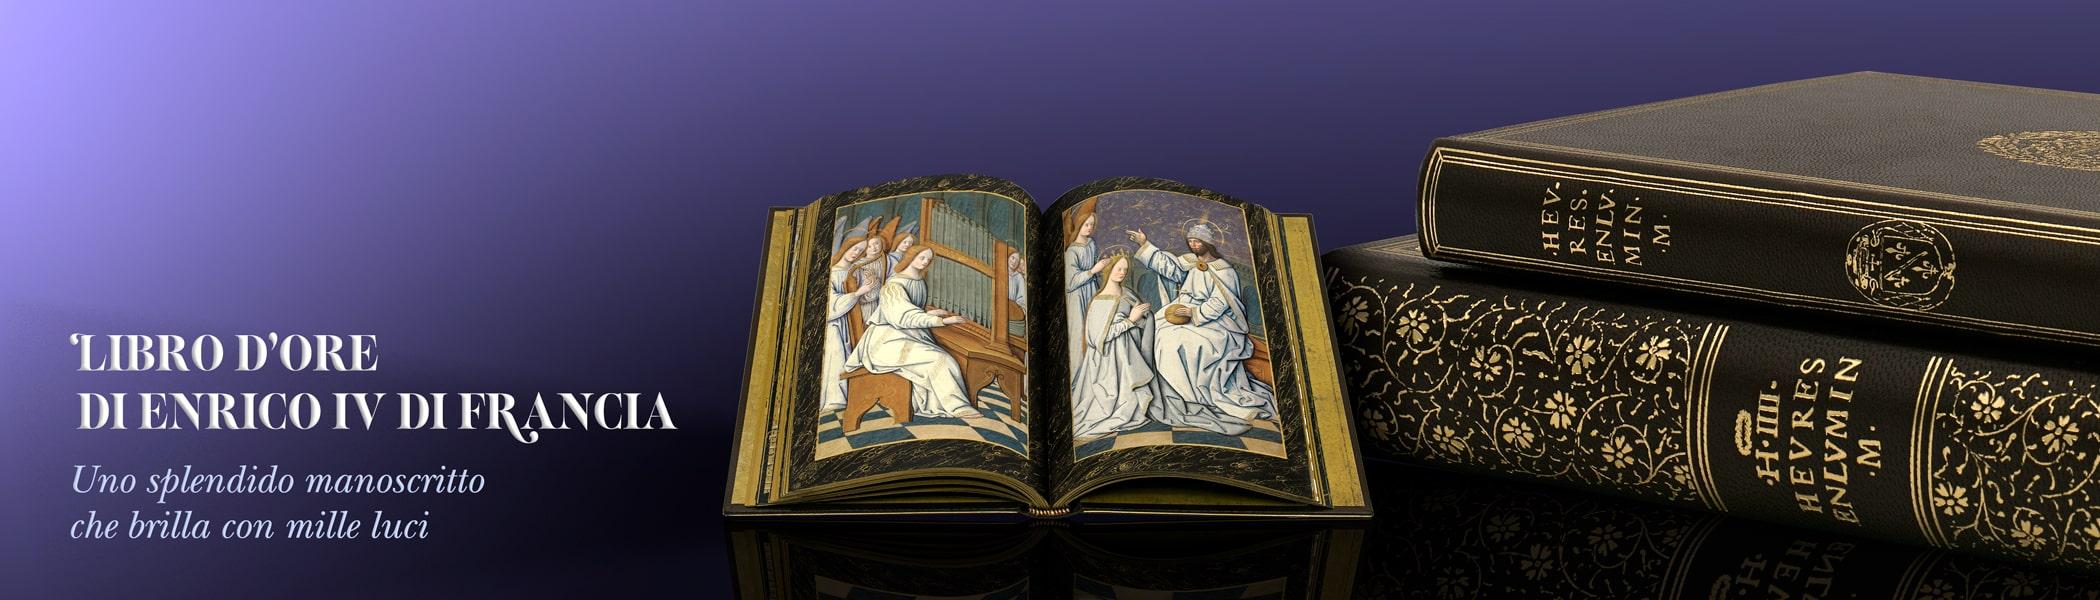 Libro d´ore di Enrico IV di Francia. Uno splendido manoscritto che brilla con mille luci.